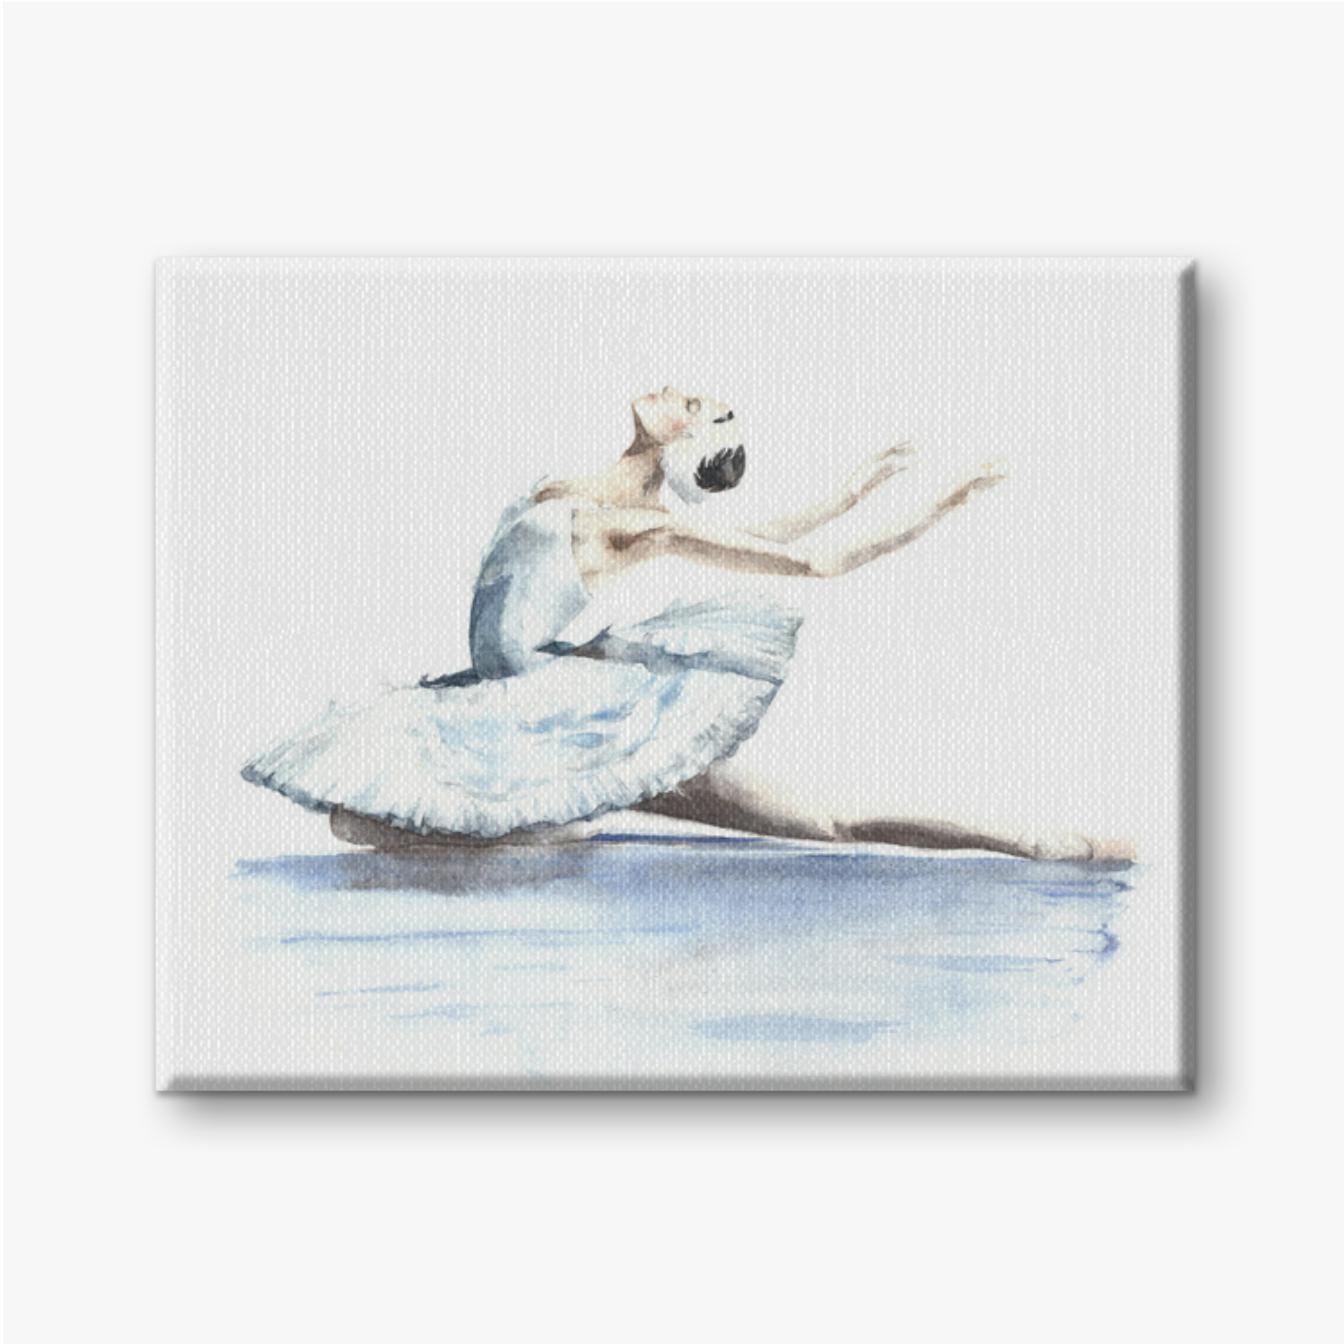 Weißer Schwan der Ballerina-Tänzerin, Schwanensee, der Schwanaquarell stirbt